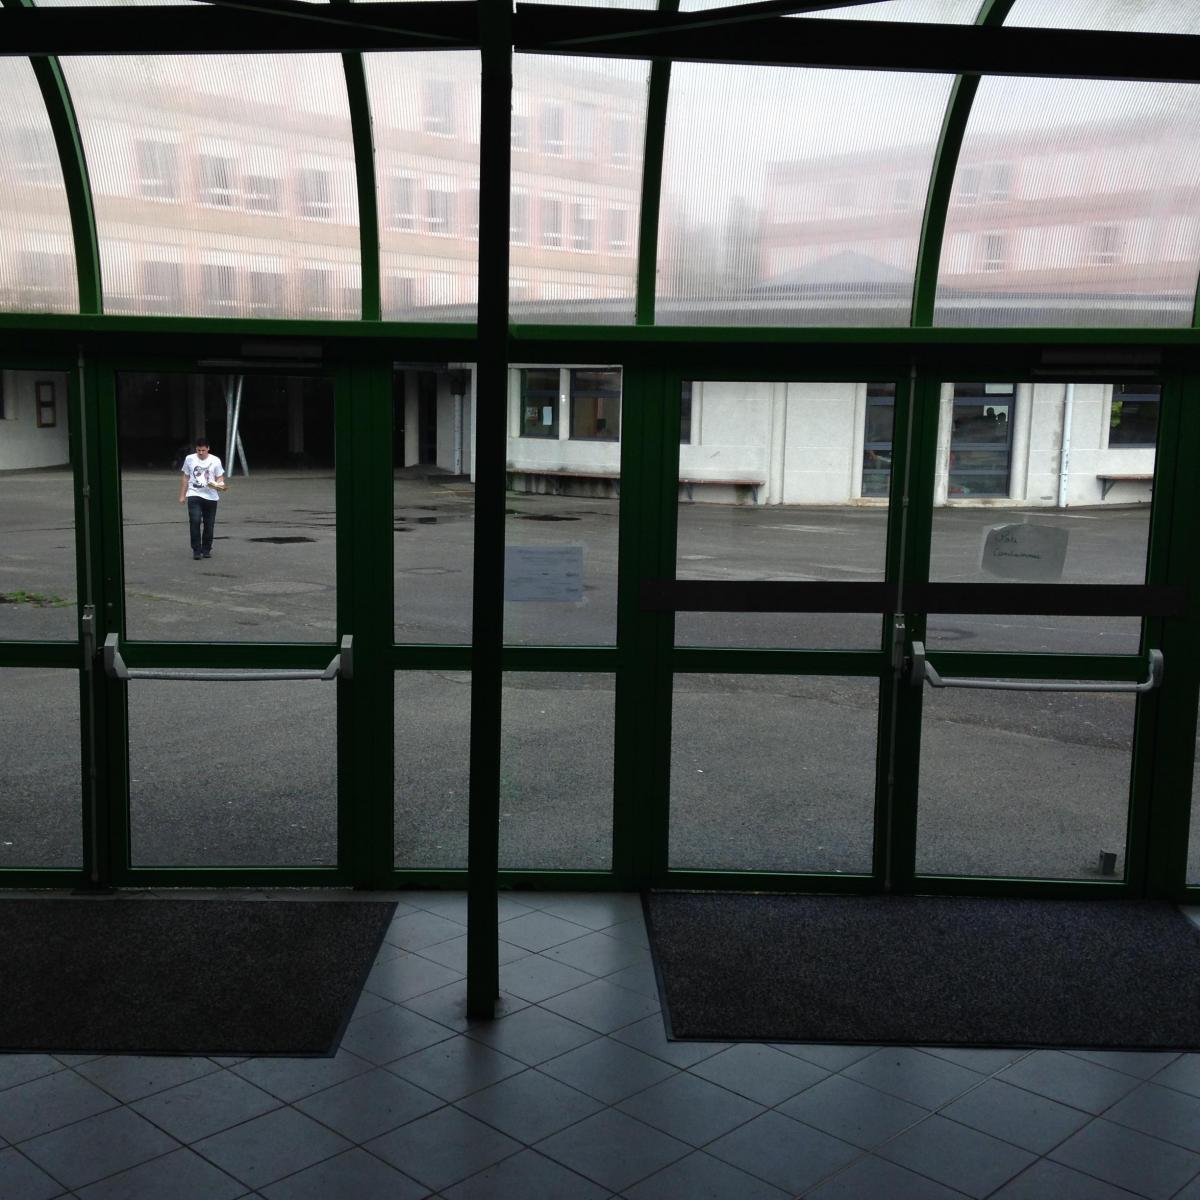 Portes d'entrée installées à l'Aigle<br>